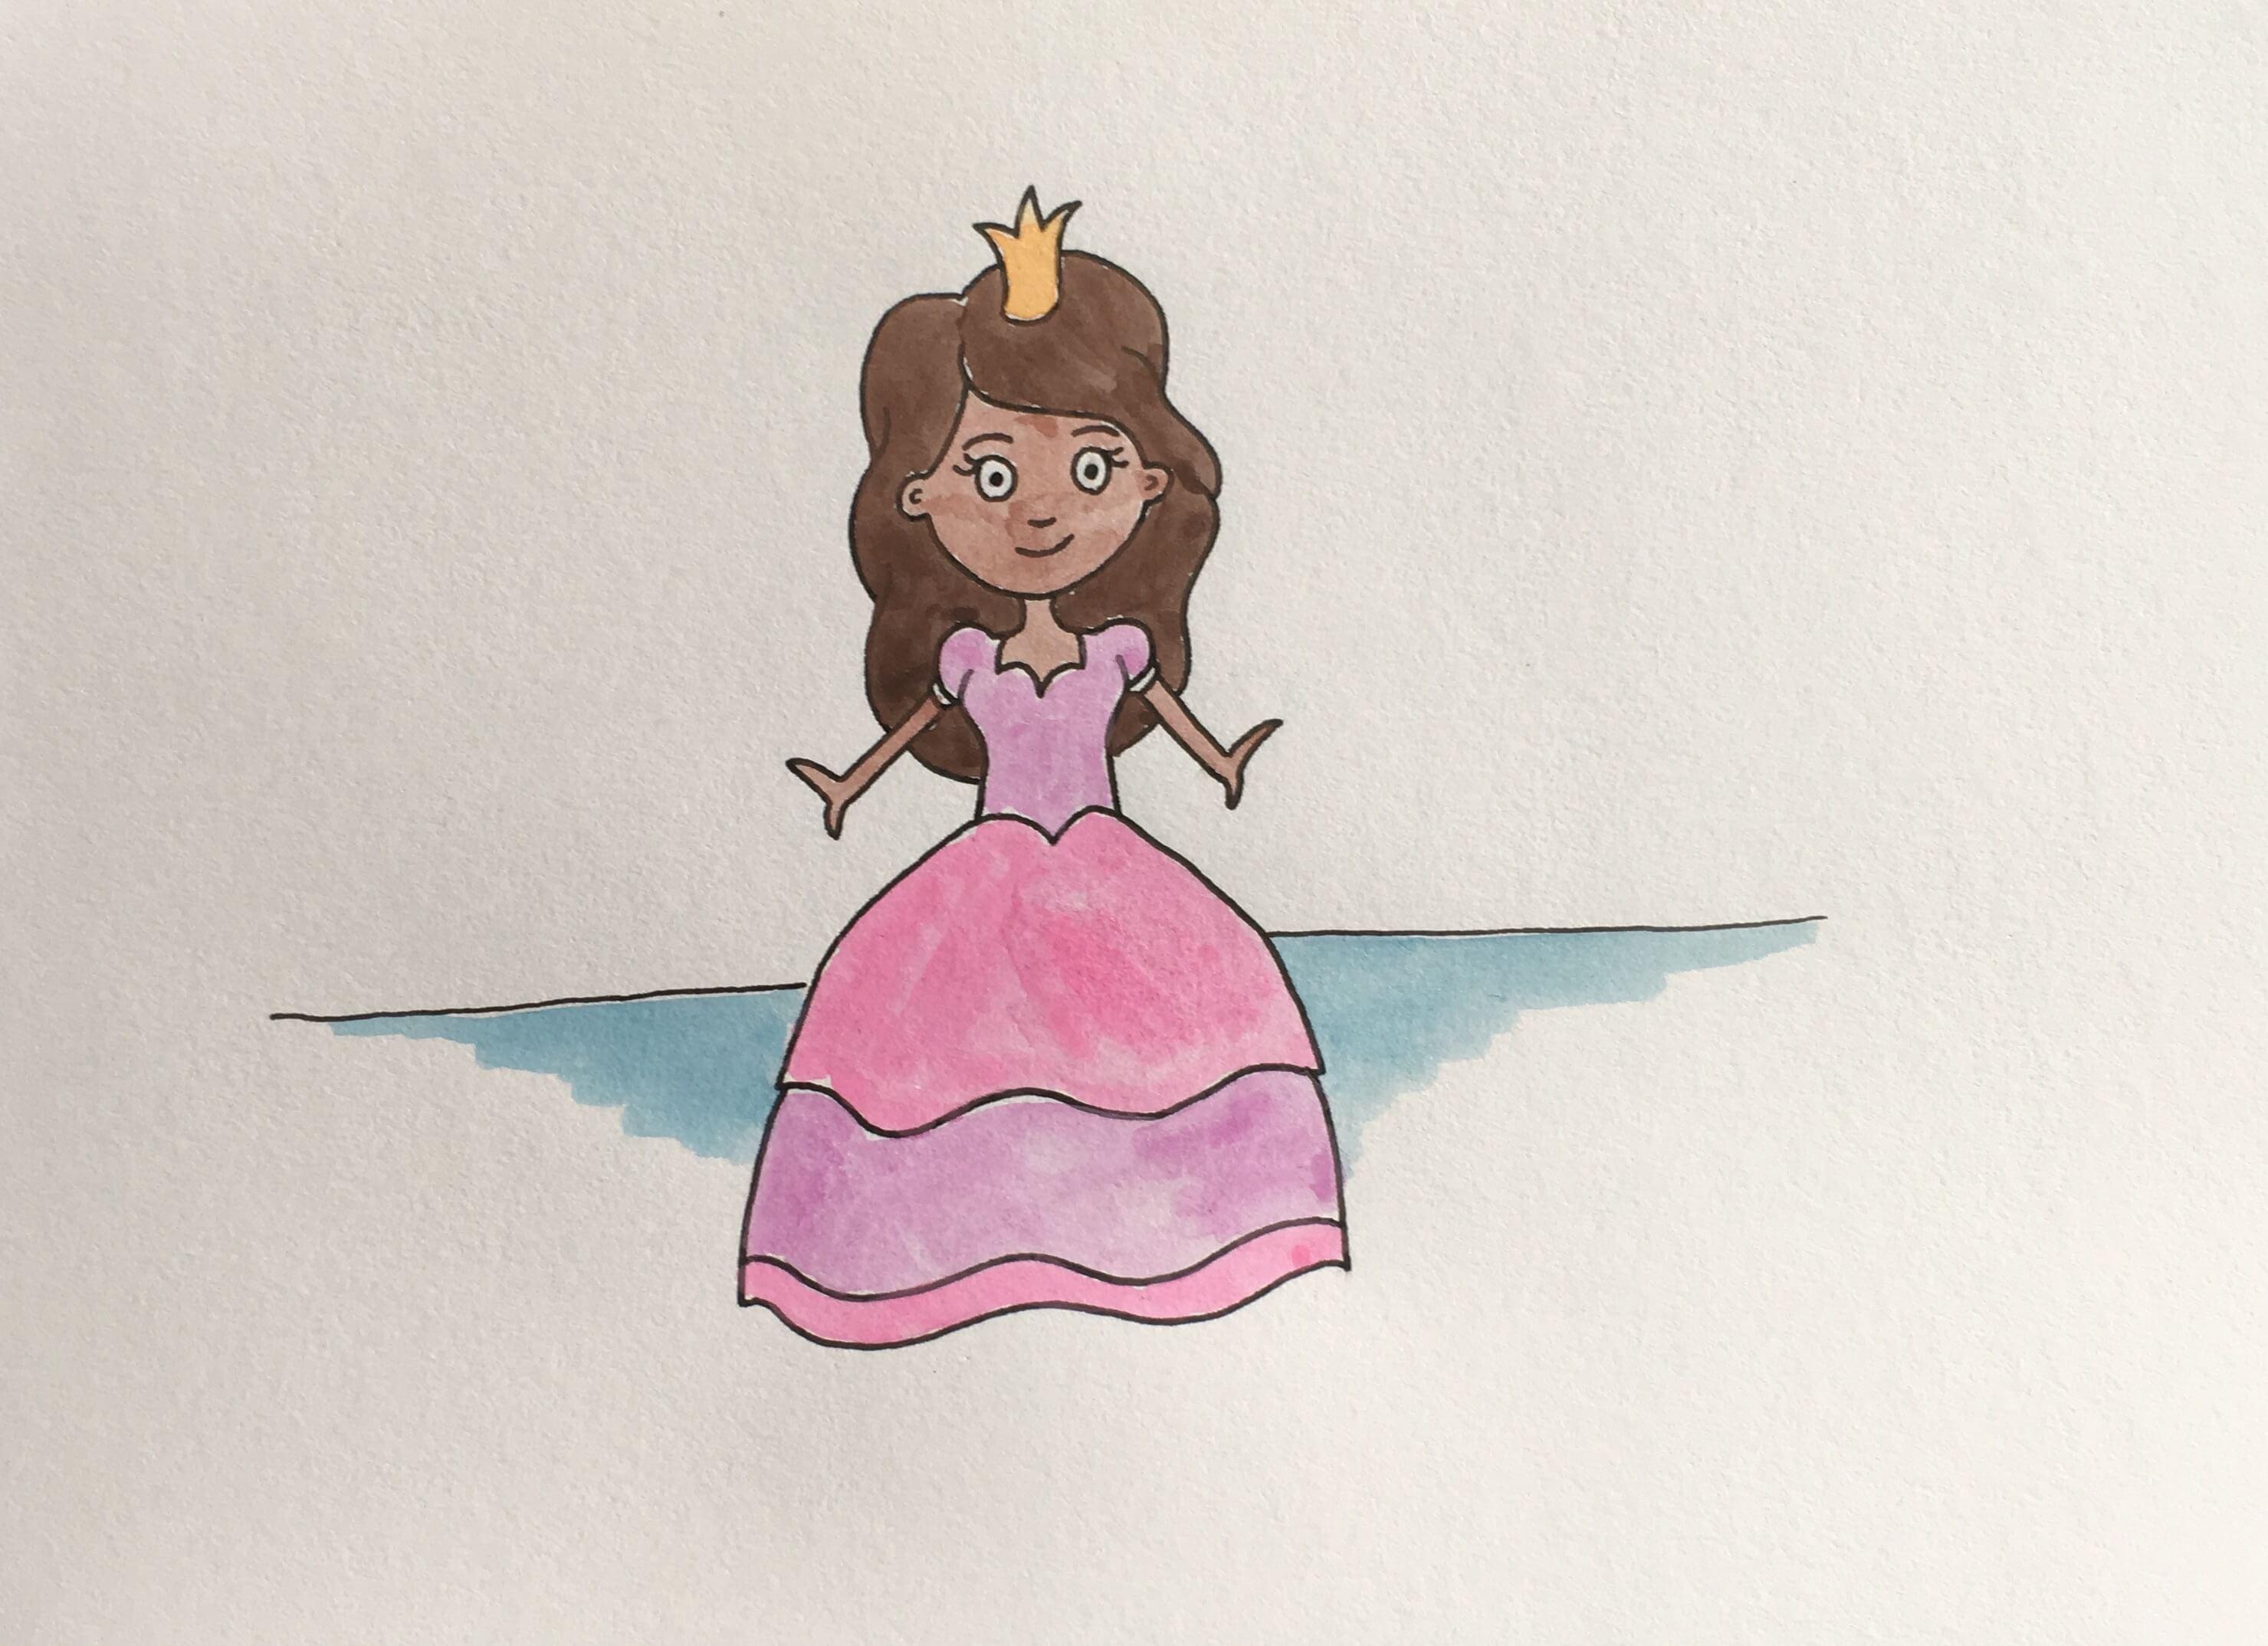 Lær at tegne en prinsesse